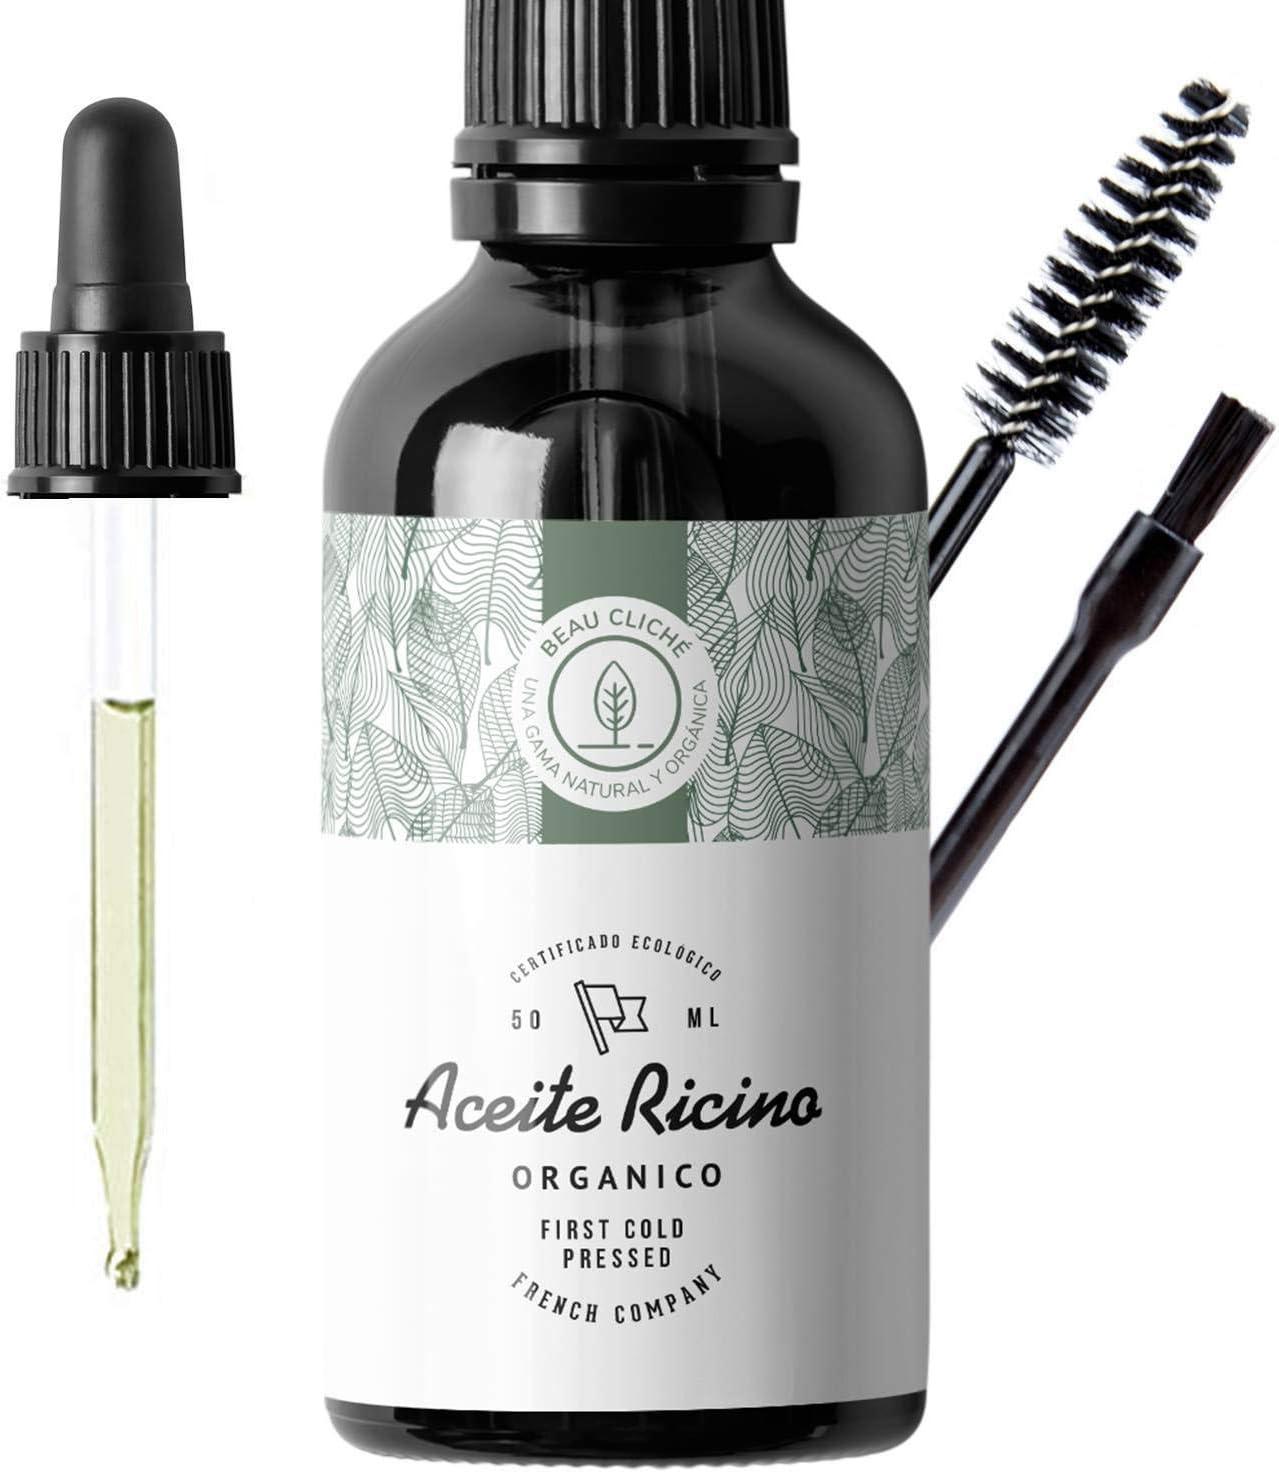 50ml Aceite de ricino orgánico, prensado en frío, puro - Estimula y fortalece el crecimiento del cabello, barba, pestañas, cejas, uñas, cutículas y piel - Botella de vidrio, pincel y brocha